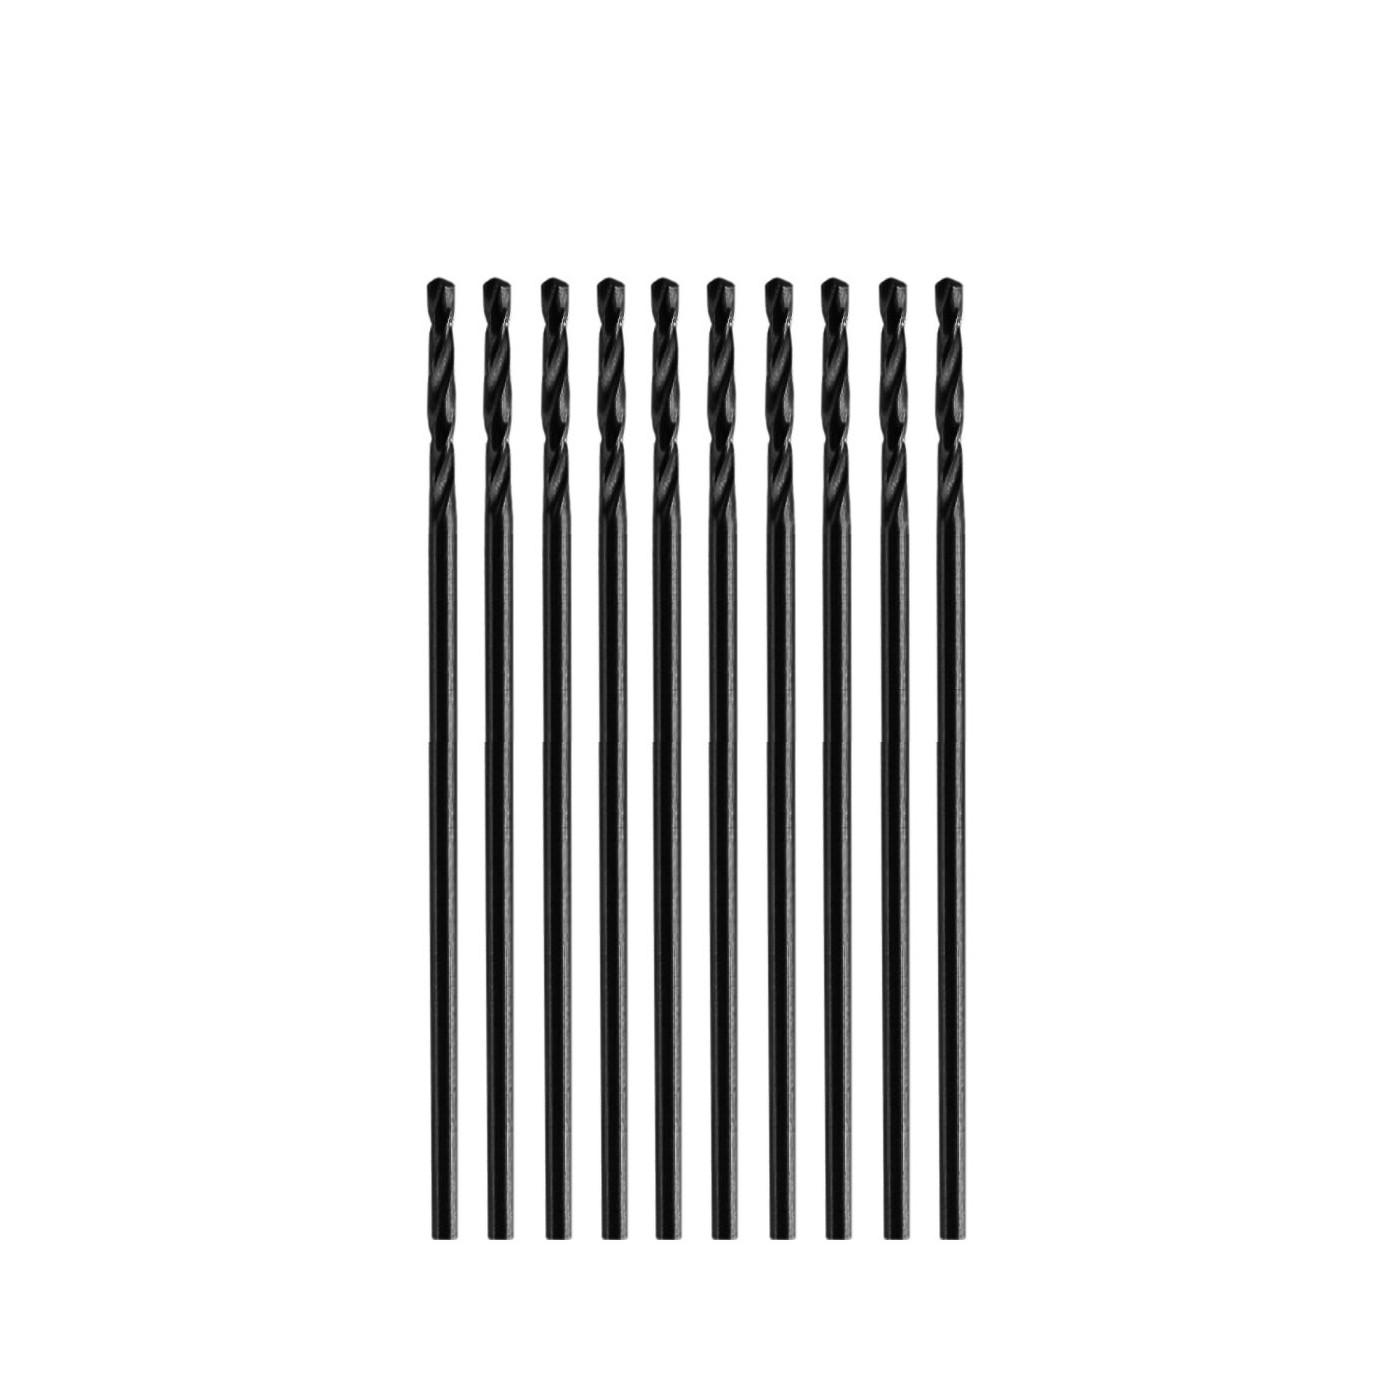 Set van 10 kleine metaalboren (3,2x65 mm, HSS-R)